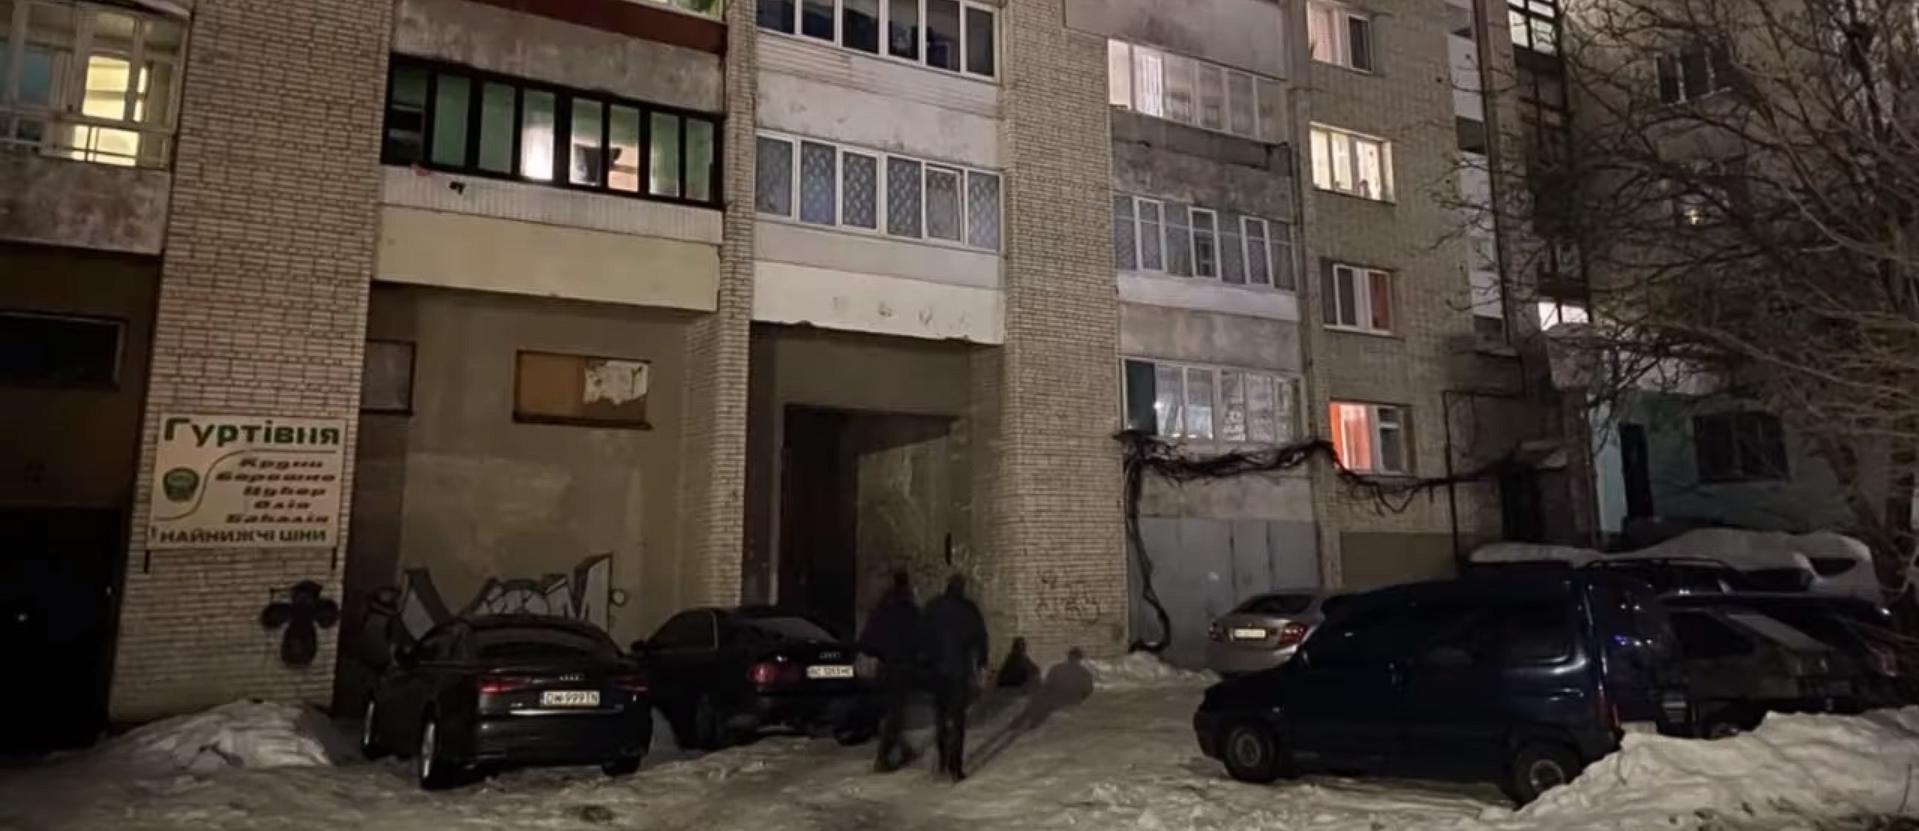 Вибух у Дрогобичі: версія слідства та деталі події